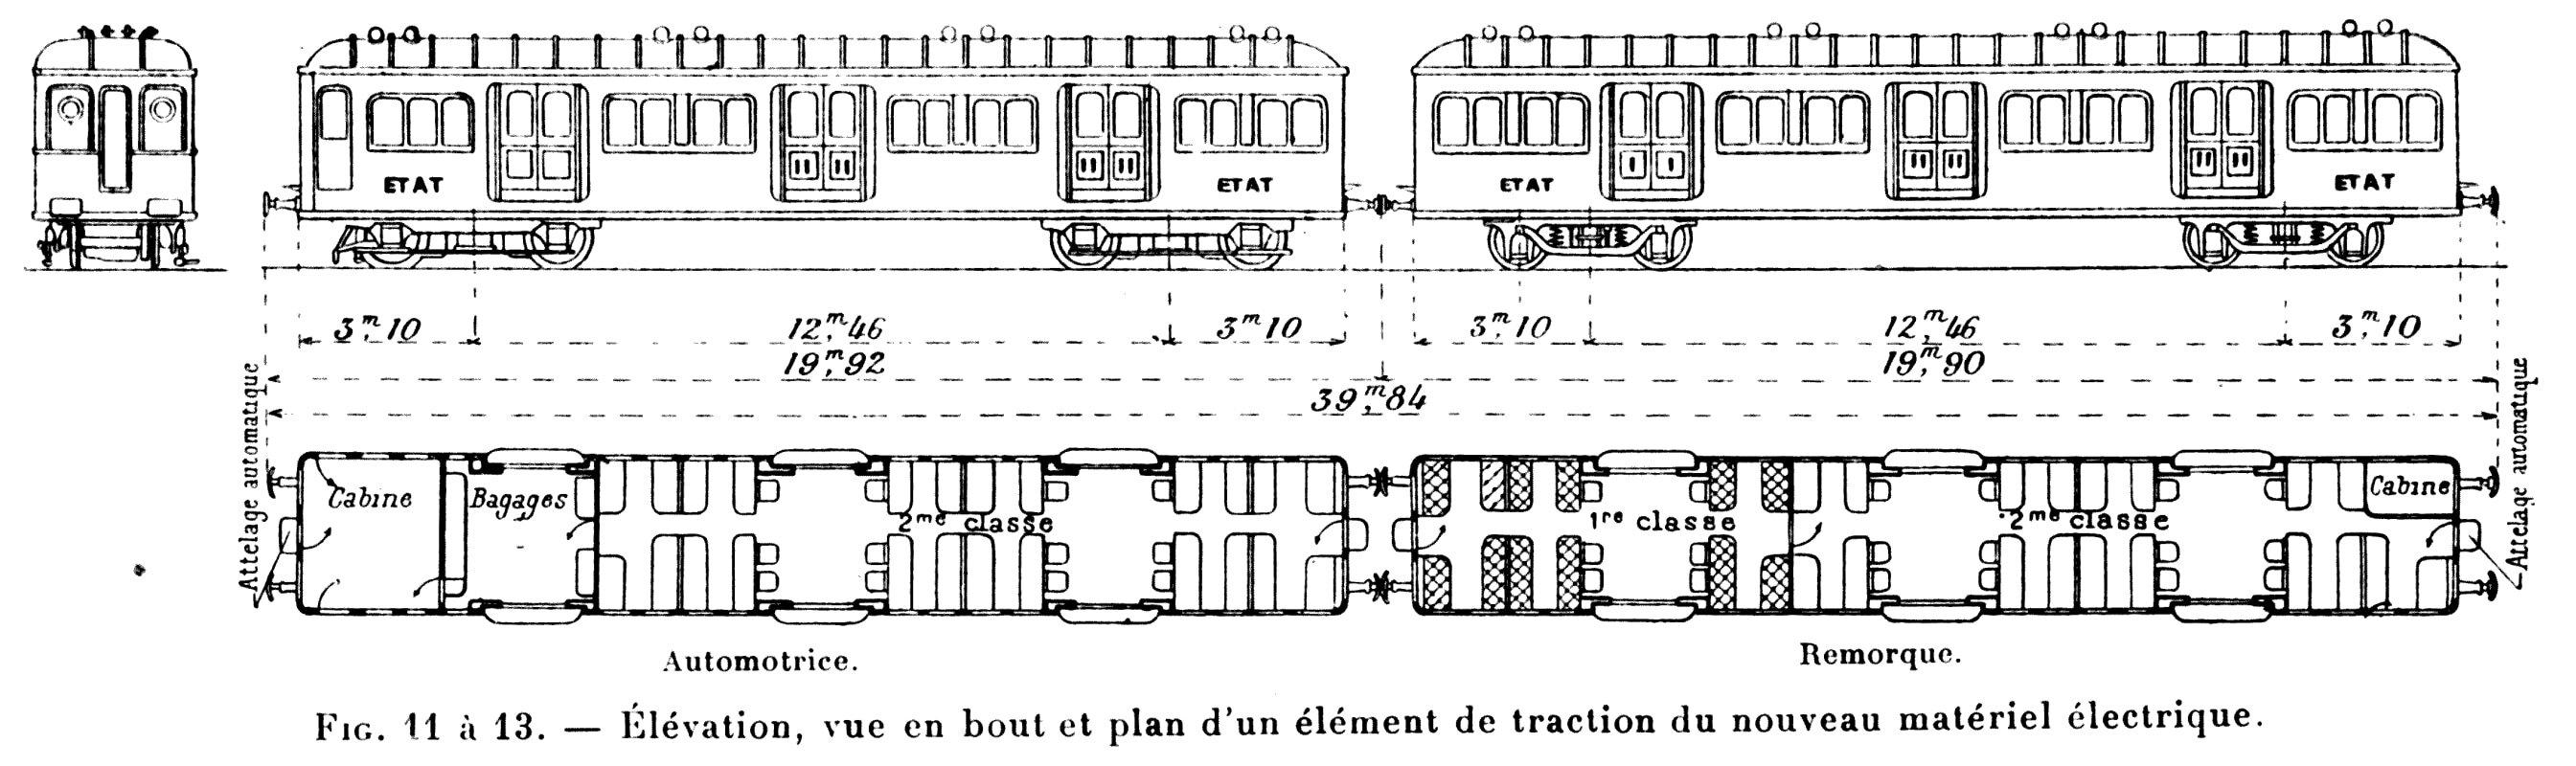 Plans des automotrices électriques (Z 1500 SNCF)